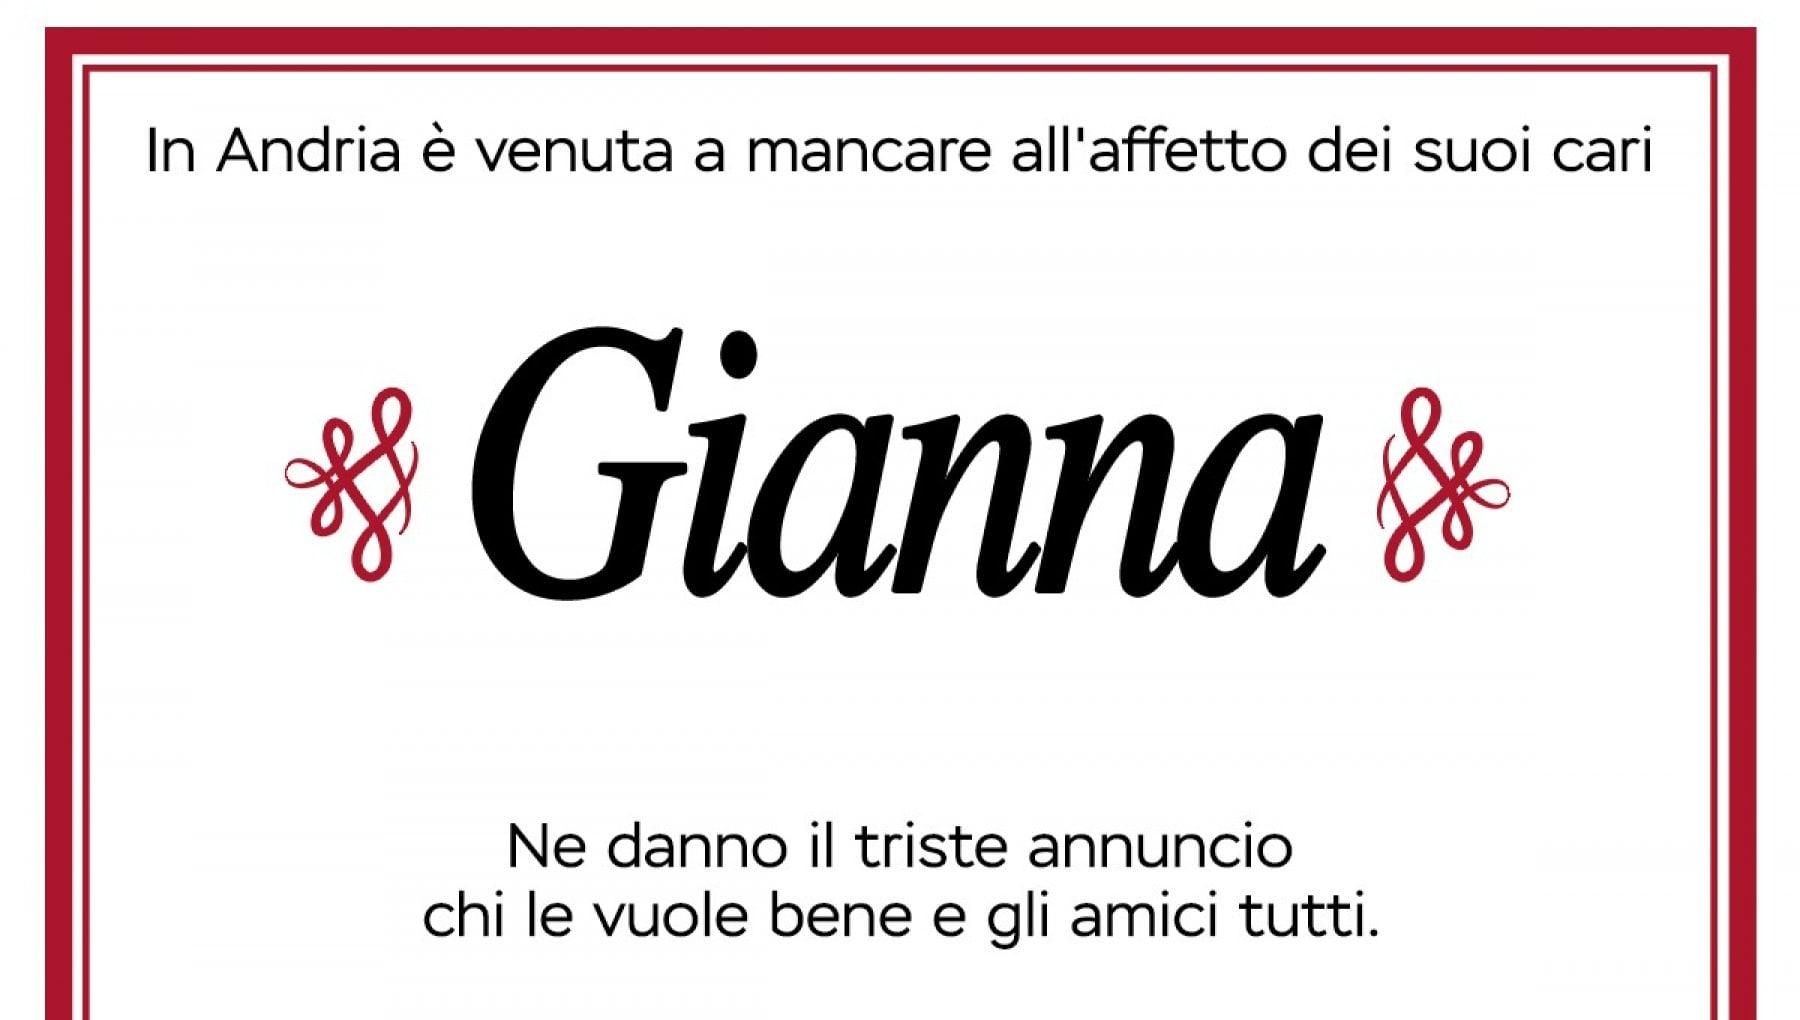 La transgender Gianna muore ad Andria ma sullannuncio scrivono Giovanni insorge la comunita Lgbt e Taffo dona un nuovo manifesto